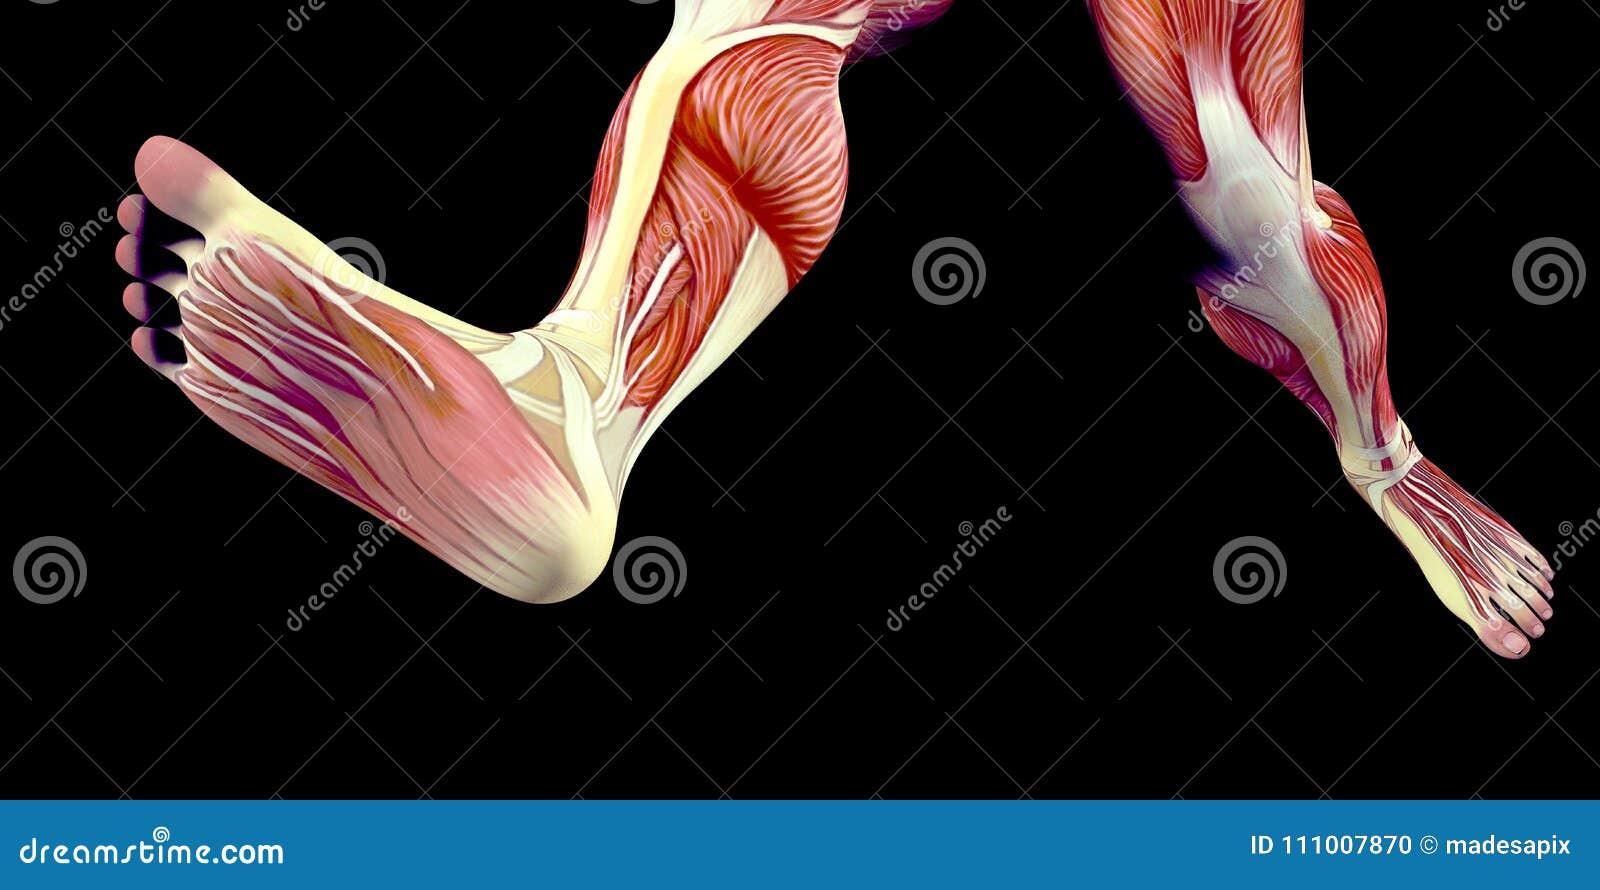 Dorable Músculos De La Anatomía Del Pie Colección - Imágenes de ...